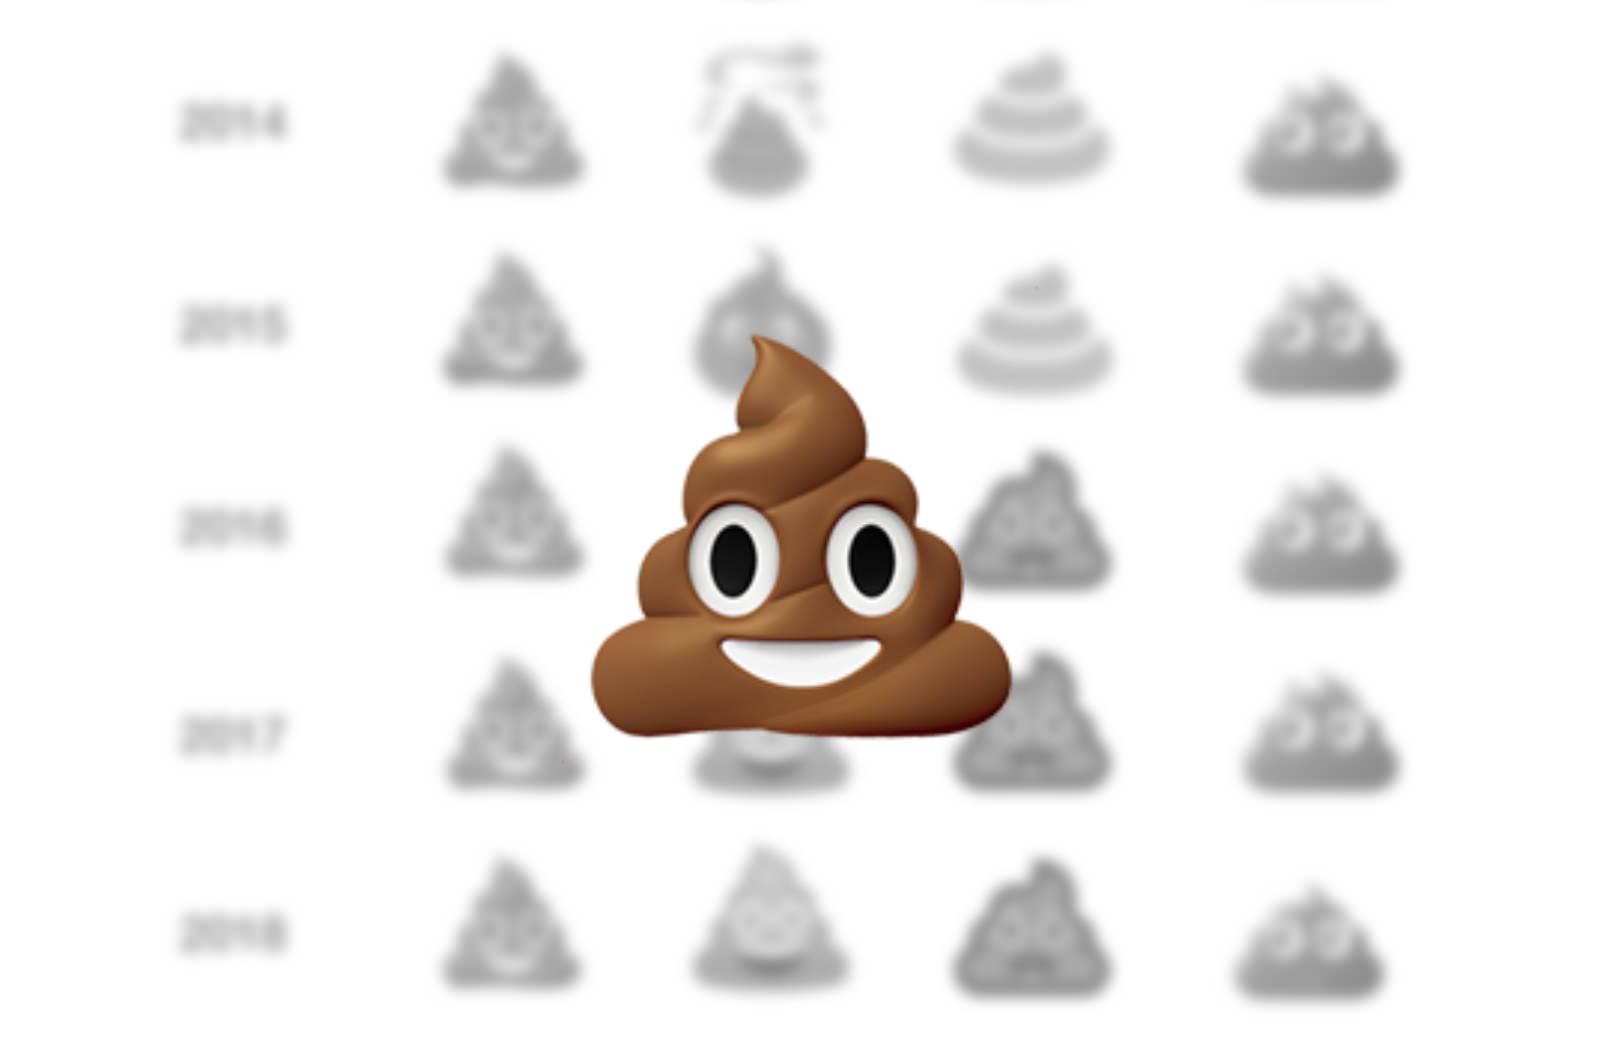 Pile-of-Poo.jpg